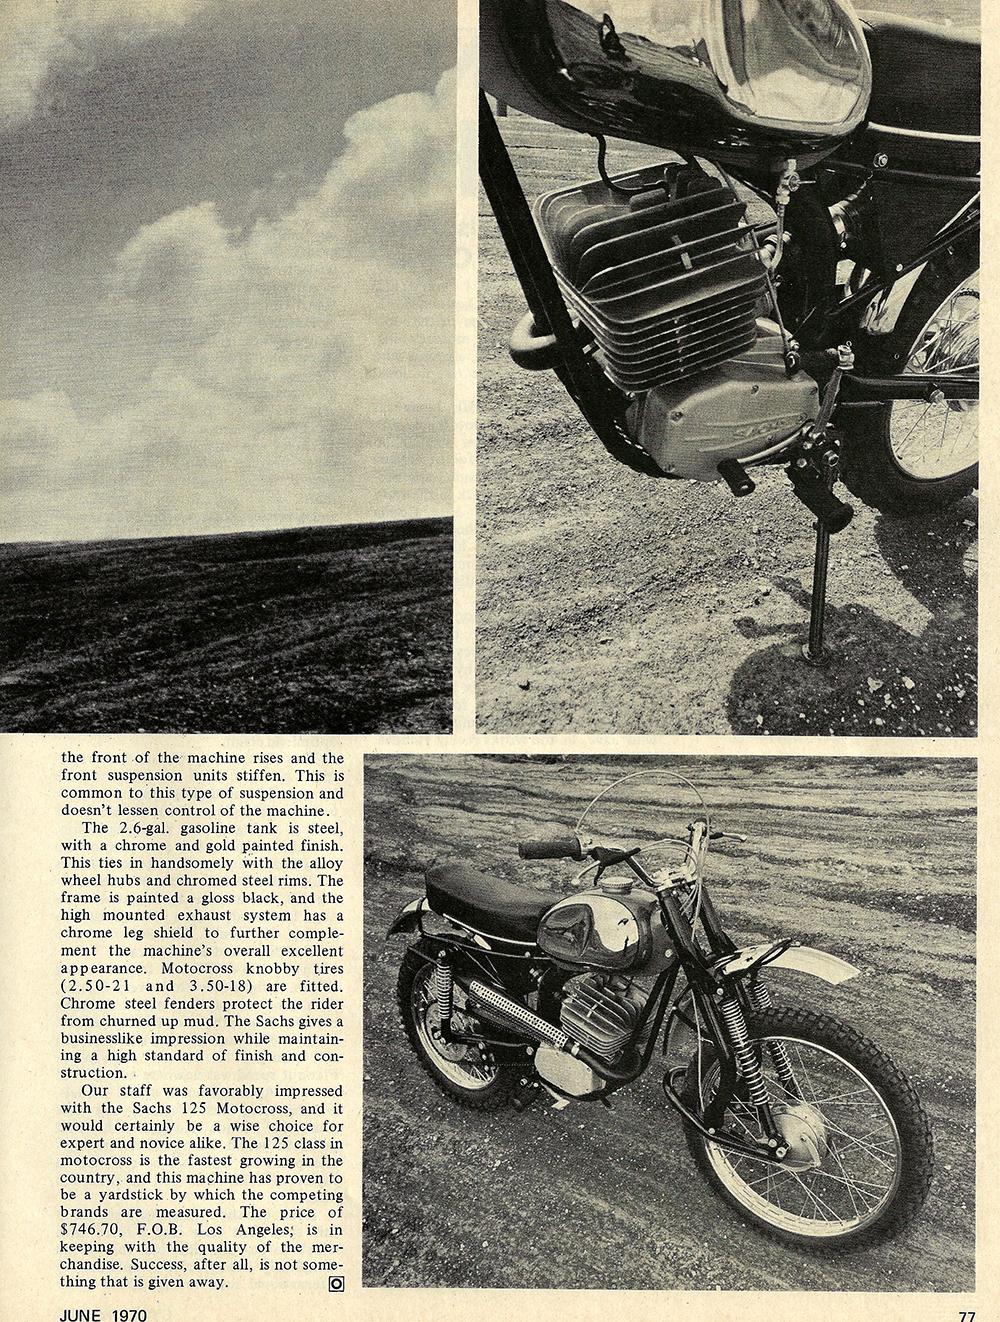 1970 Sachs 125 Motocross road test 02.jpg